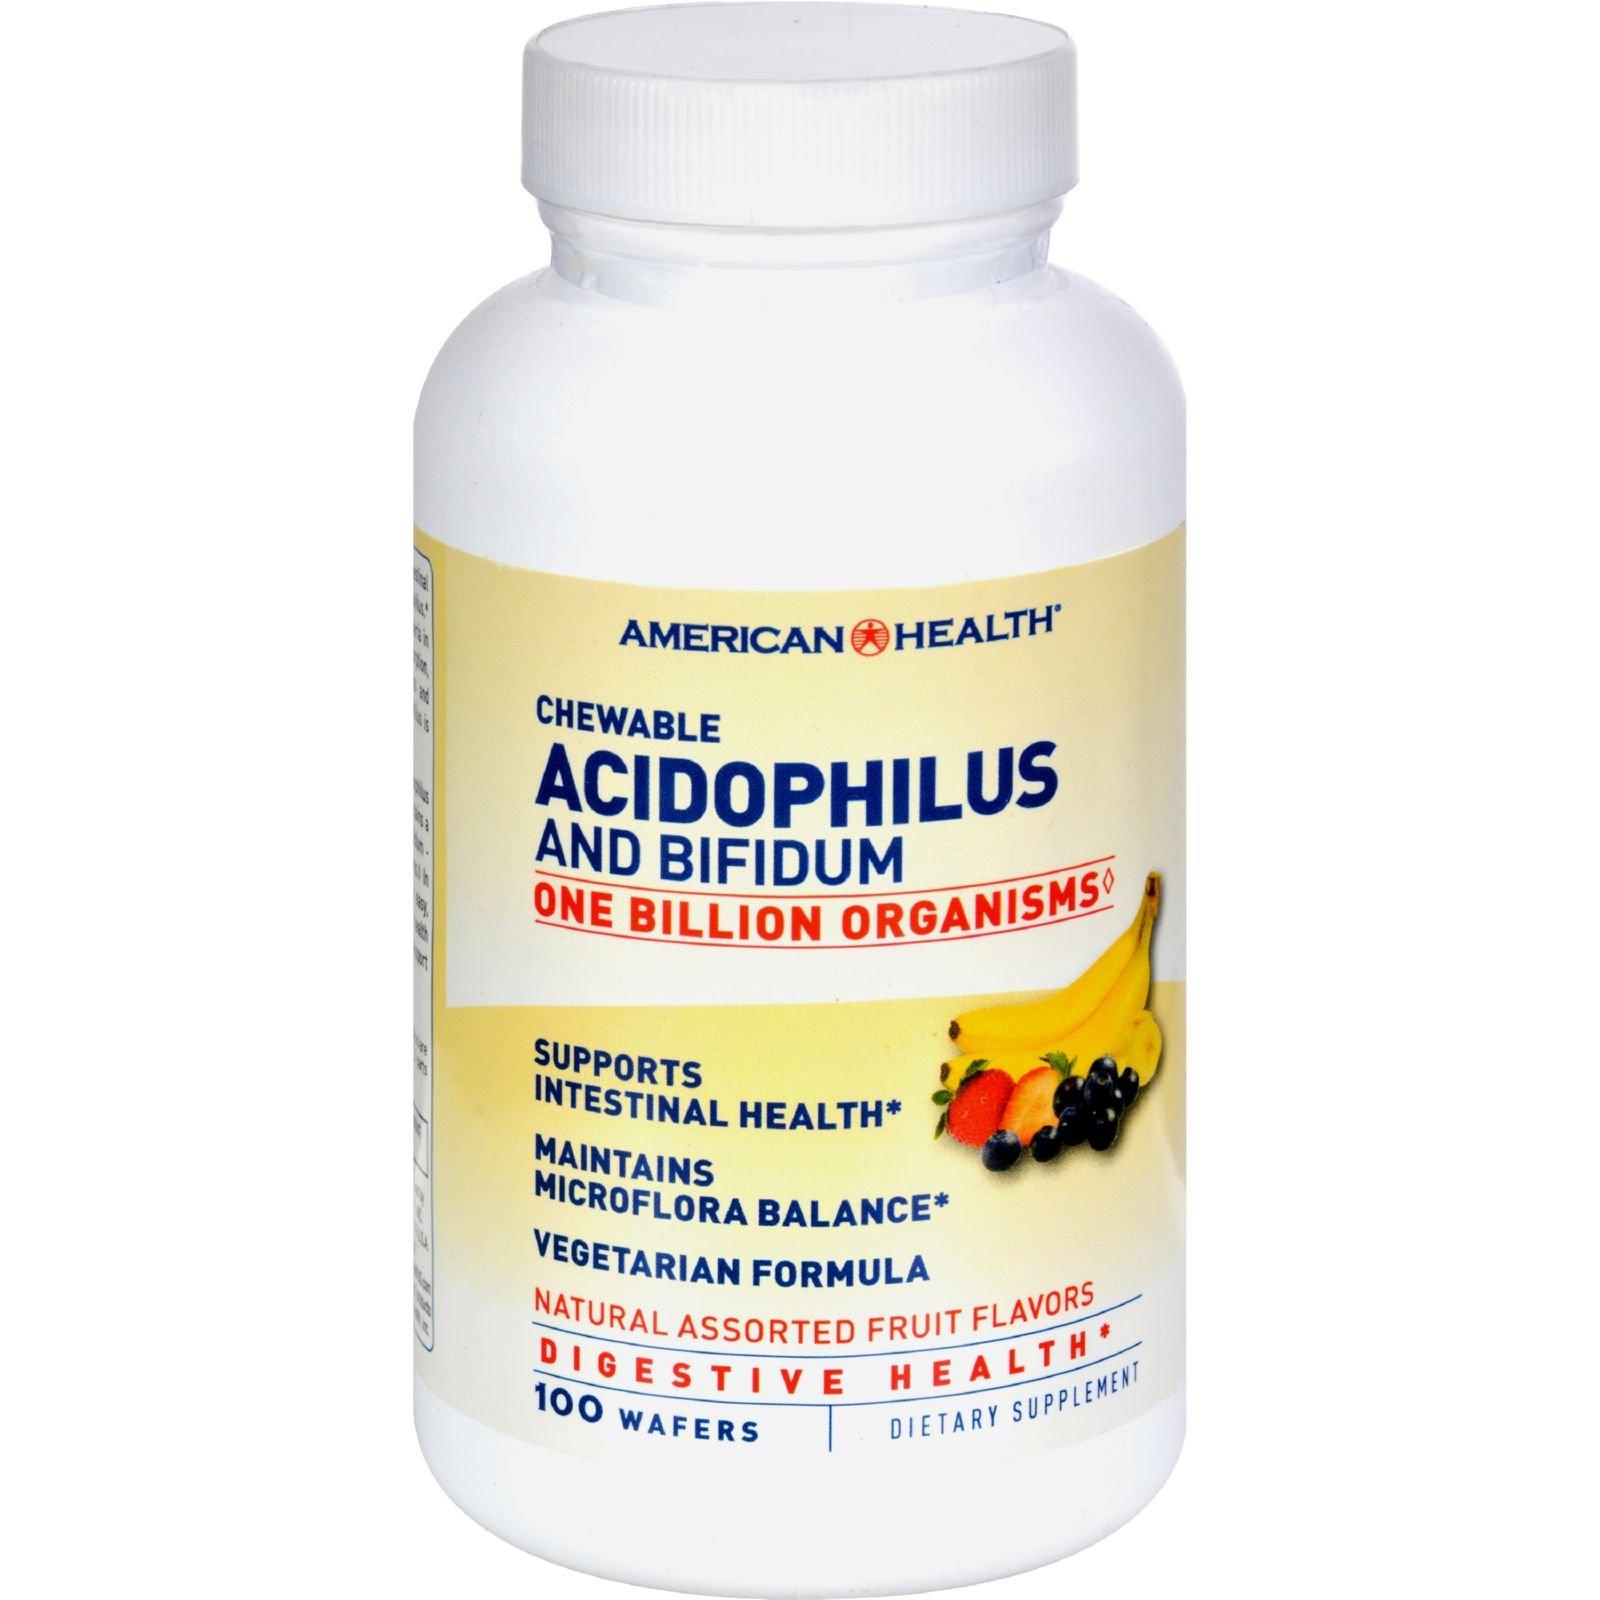 AMERICAN HEALTH ACIDOPHILUS,CHEWBL,FRUIT, 100 WAF